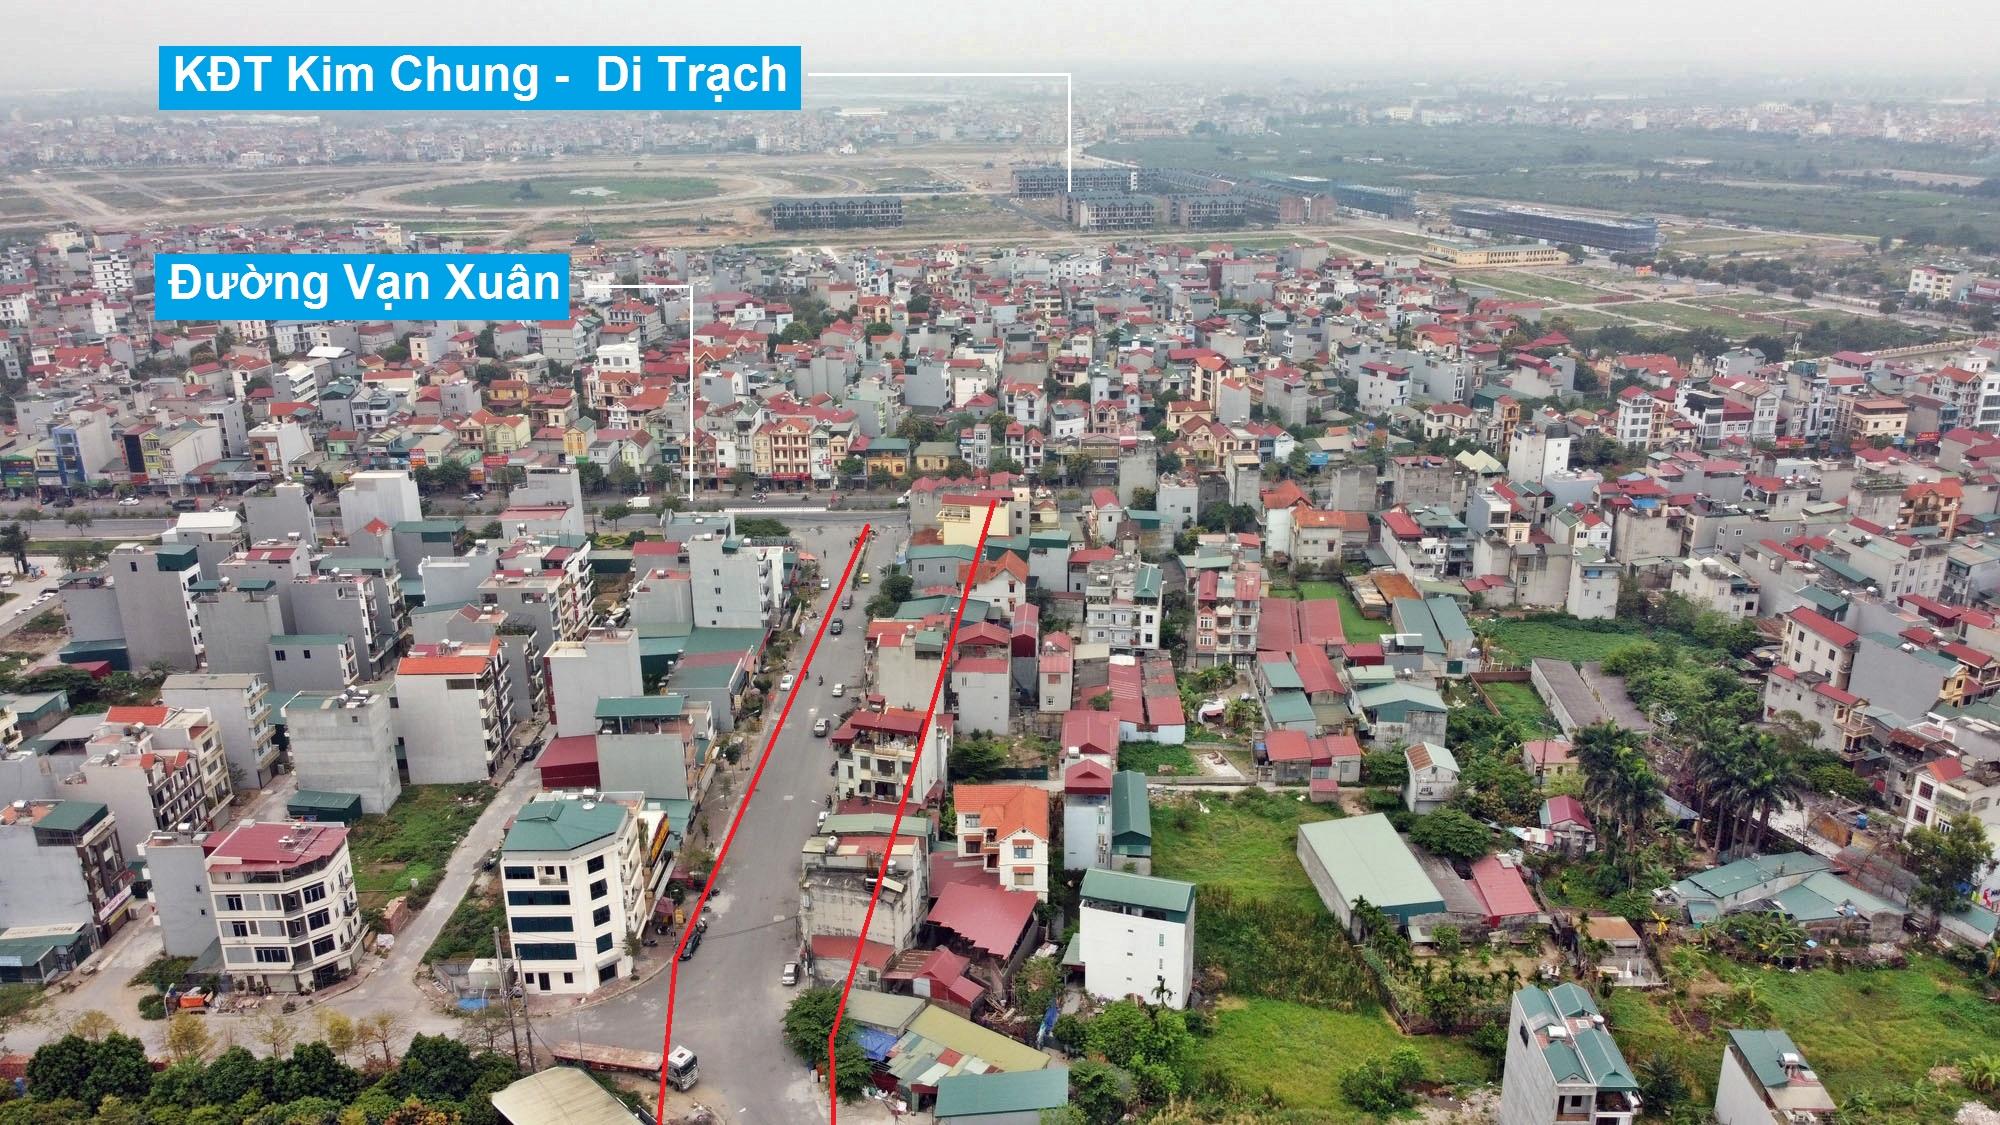 Đường sẽ mở theo quy hoạch ở xã Kim Chung, Hoài Đức, Hà Nội (phần 2) - Ảnh 3.